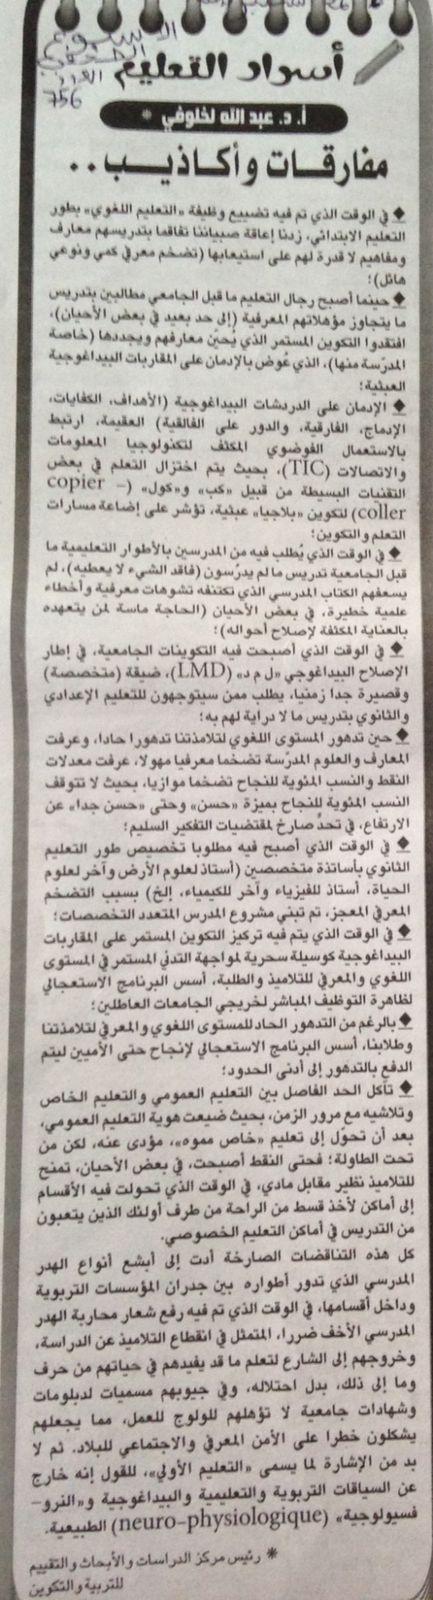 اسرار التعليم بالمغرب// جريدة الاسبوع الصحفي العدد759